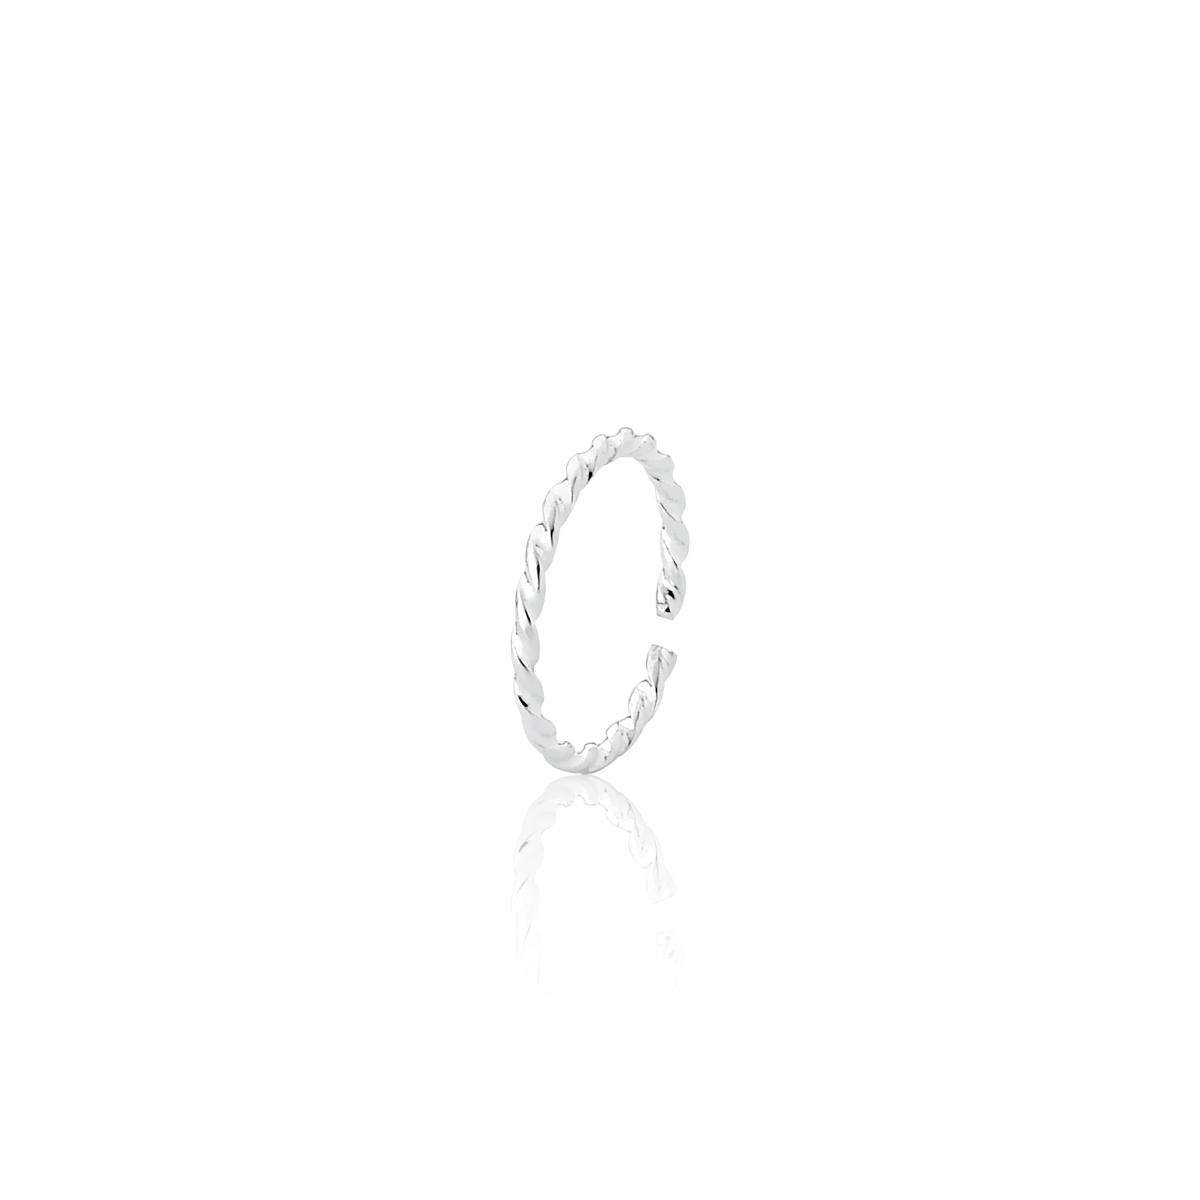 Piercing Nariz Fio Frisado 8 MM